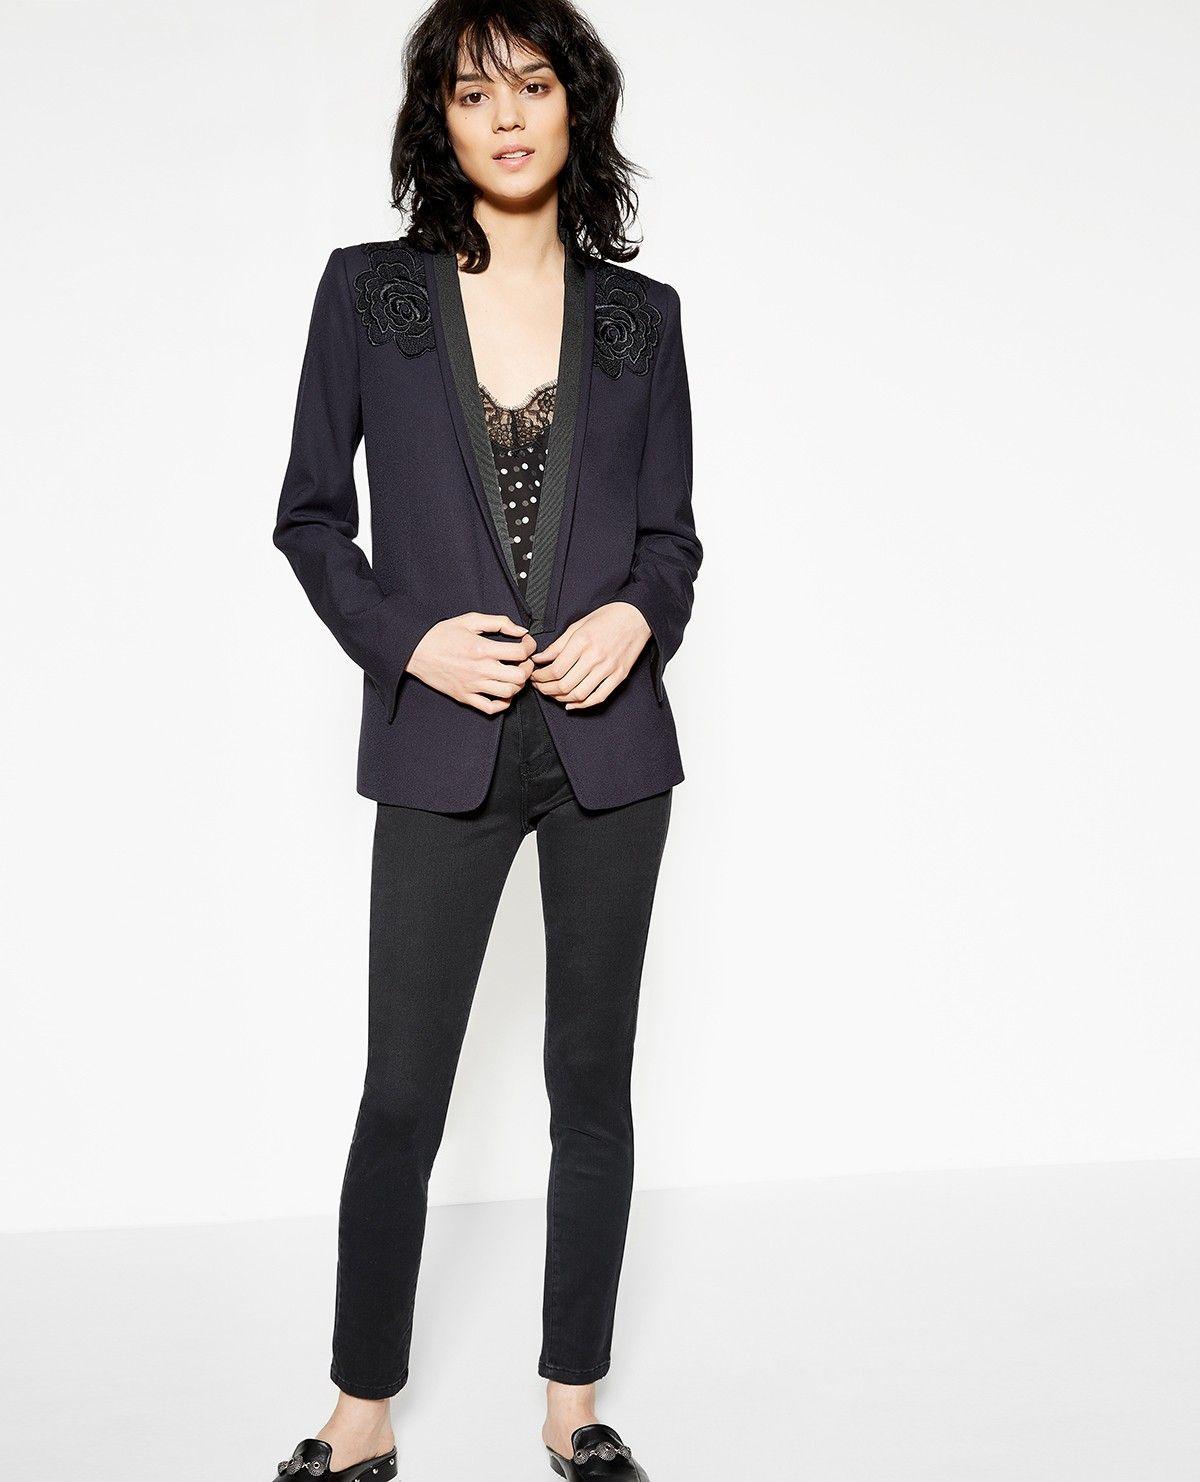 veste tailleur femme bleu marine brod e collection the kooples veste tailleur pinterest. Black Bedroom Furniture Sets. Home Design Ideas